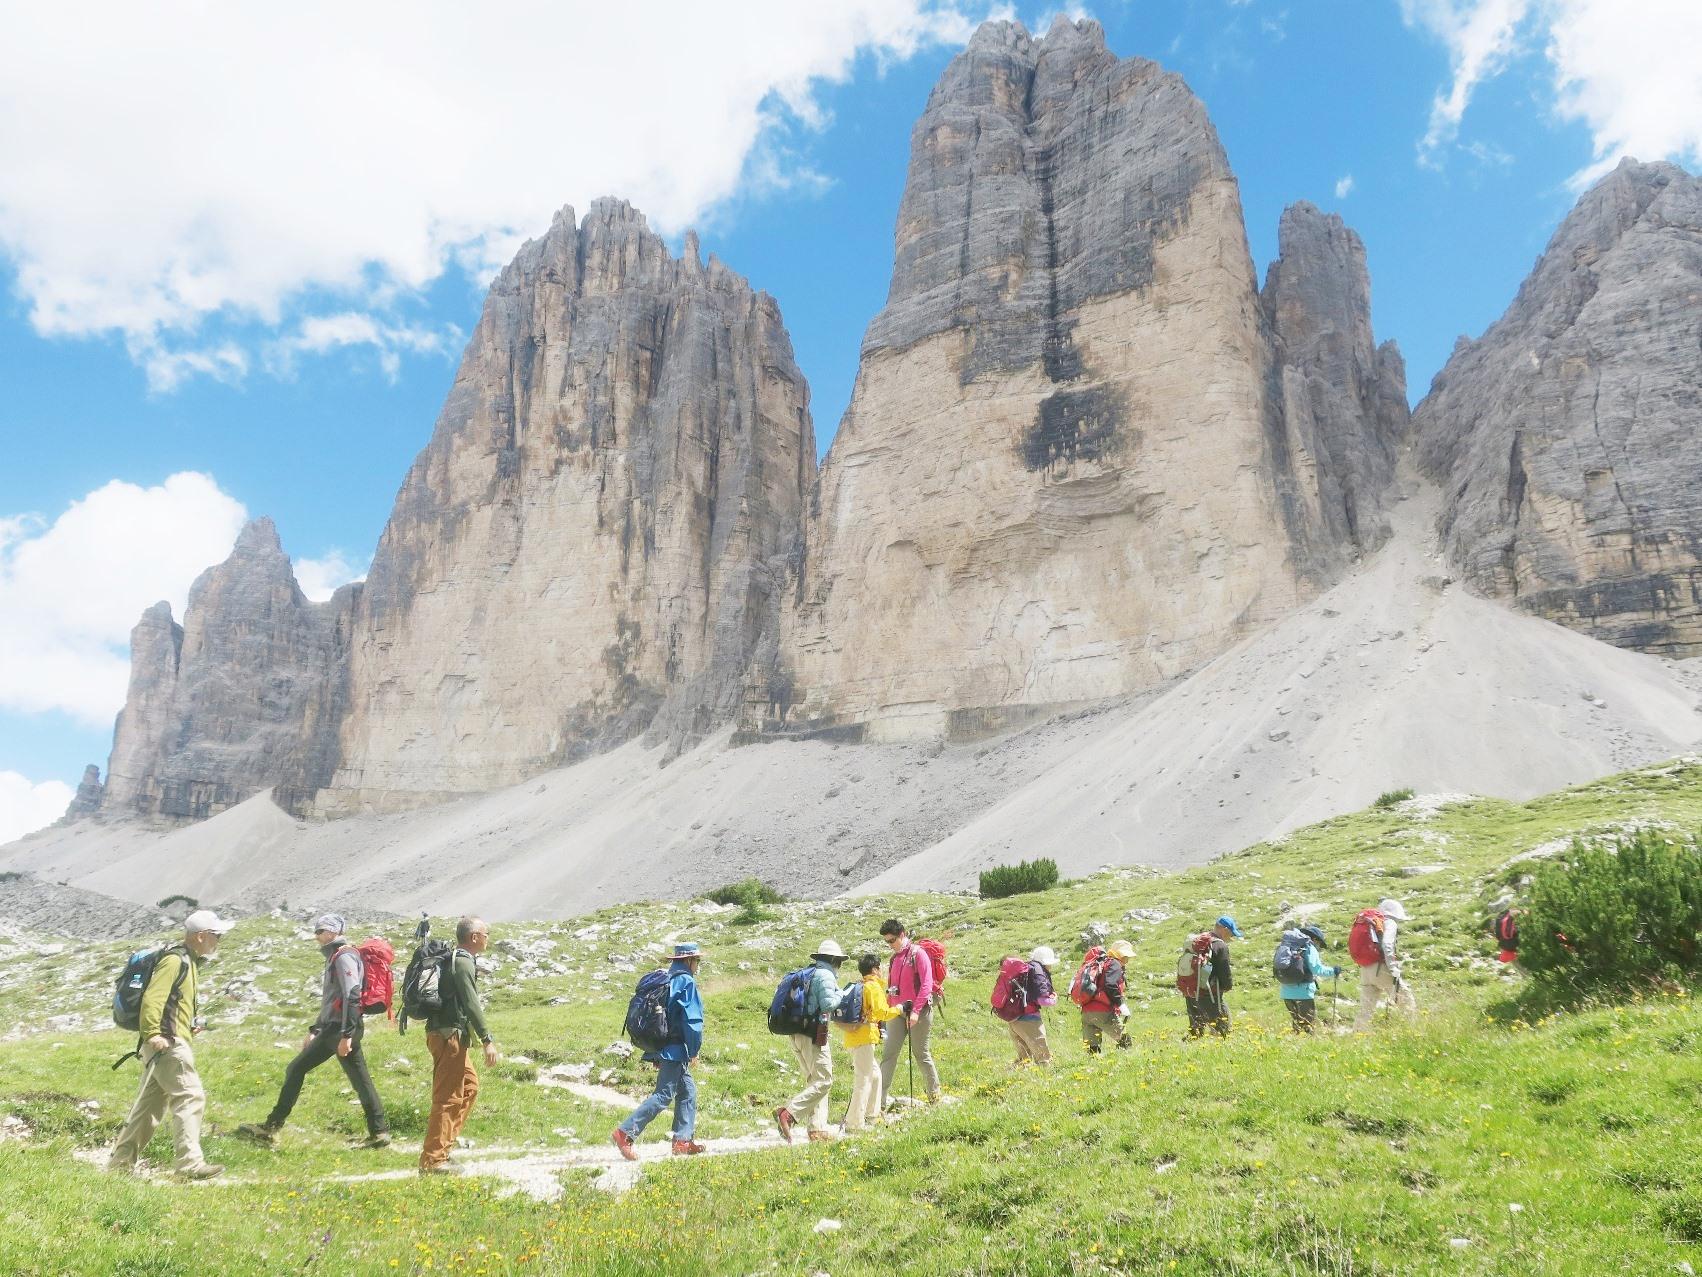 【レッヒ音楽祭特別企画】迫力あるドロミテの岩峰展望ハイキングと緑豊かなチロルの美しい村々 10日間